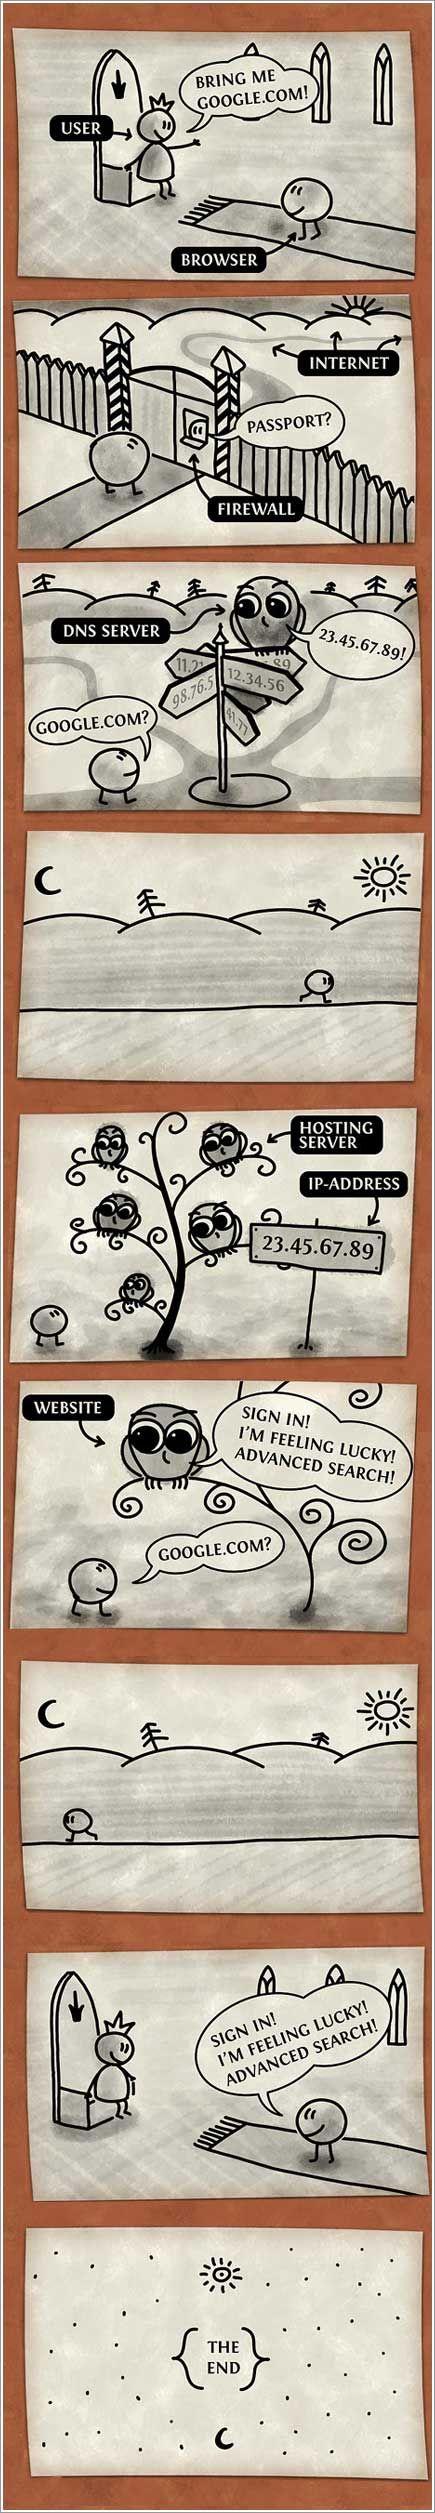 Hur en webbläsare fungerar